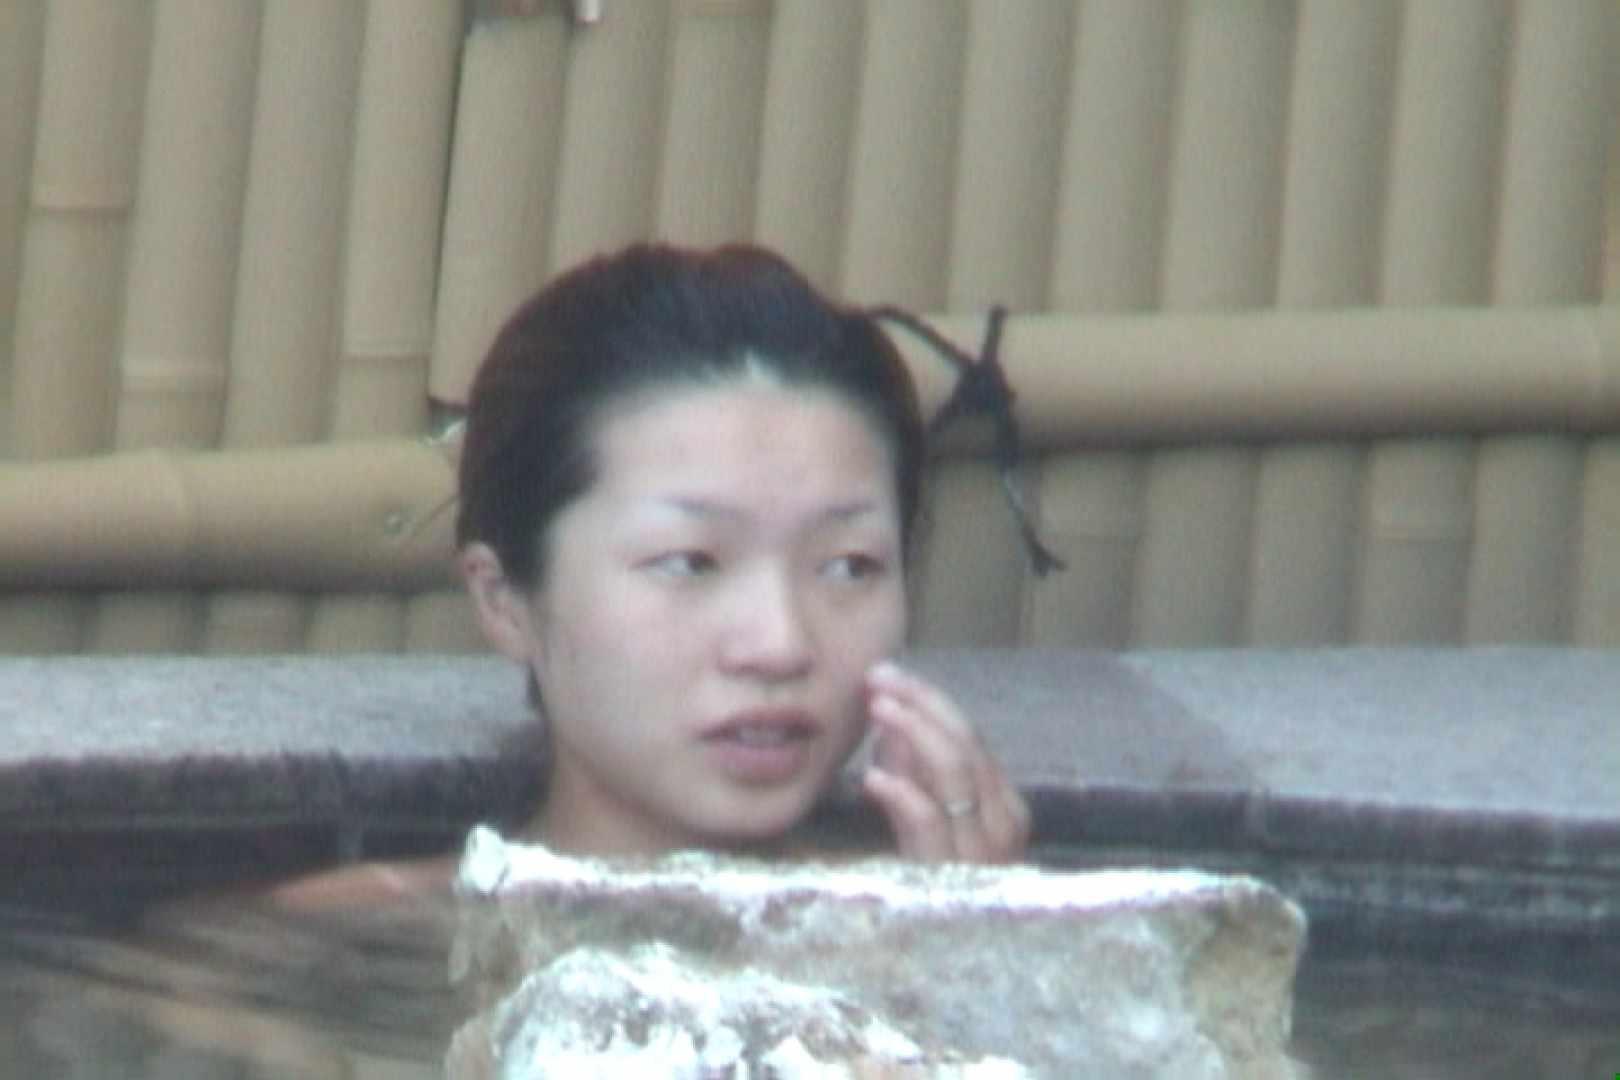 Aquaな露天風呂Vol.571 盗撮師作品 セックス無修正動画無料 99pic 35